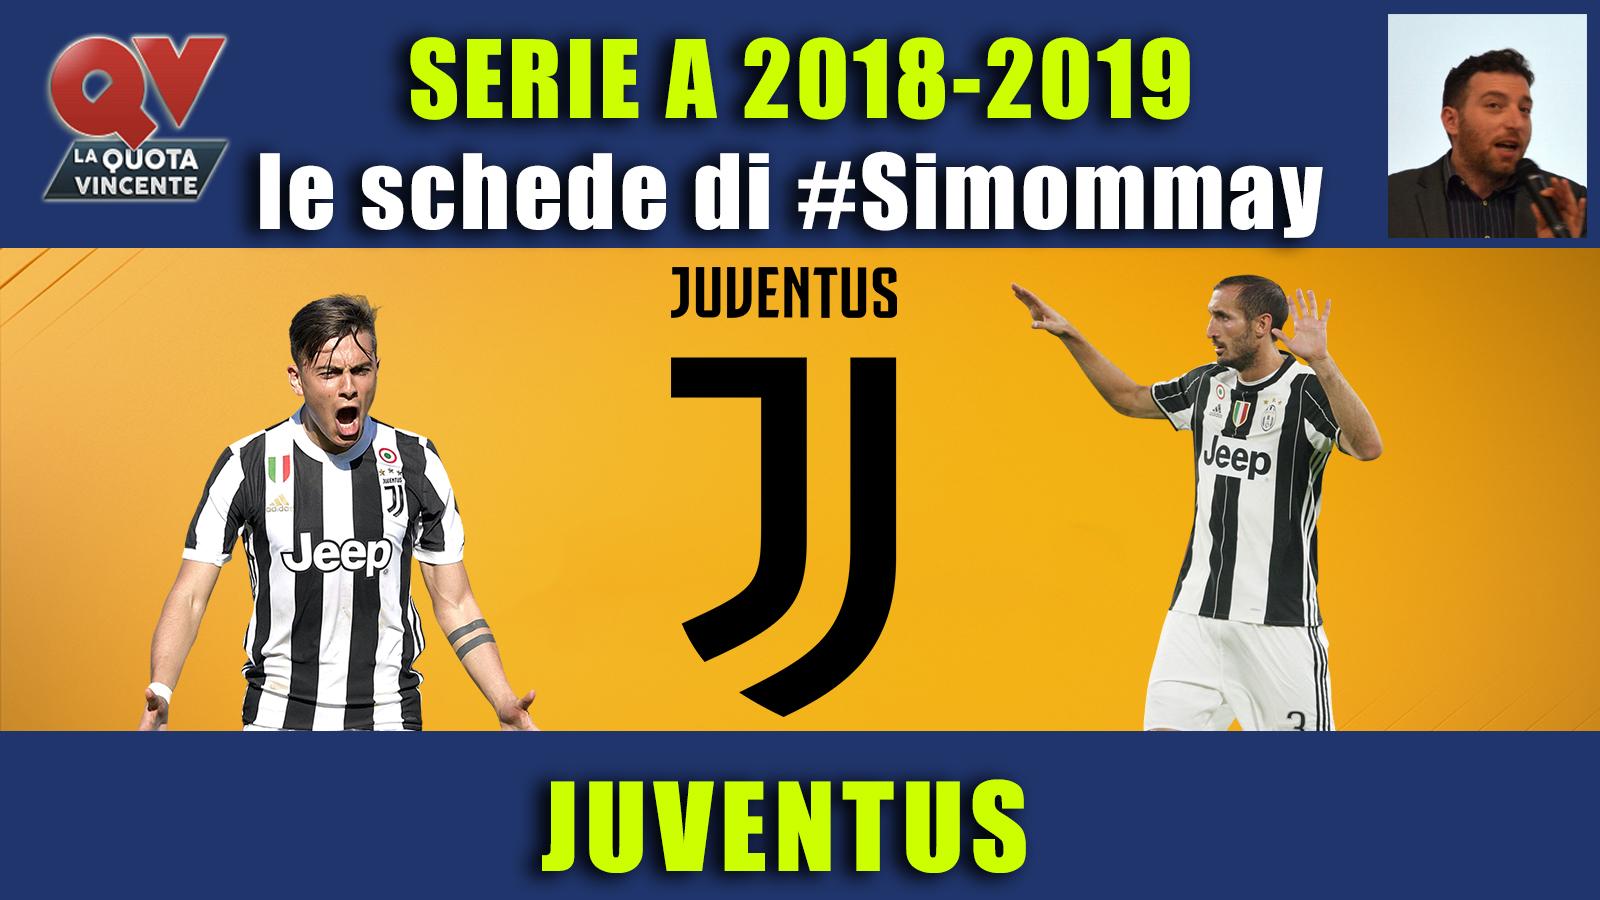 Guida Serie A 2018-2019 JUVENTUS: i bianconeri per vincere tutto!